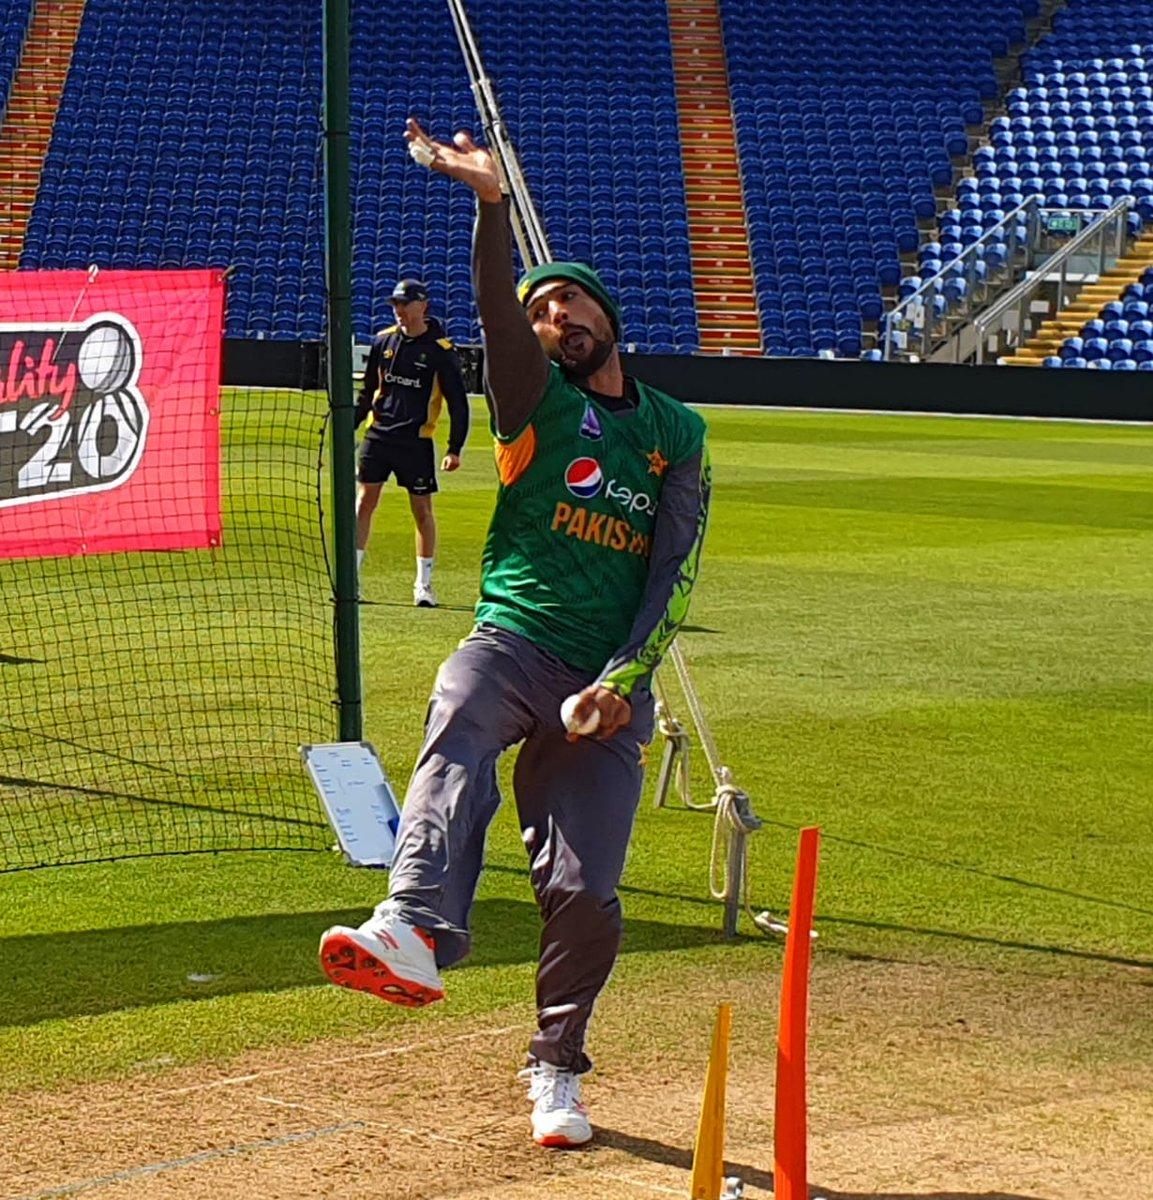 Pakistan Cricket on Twitter: